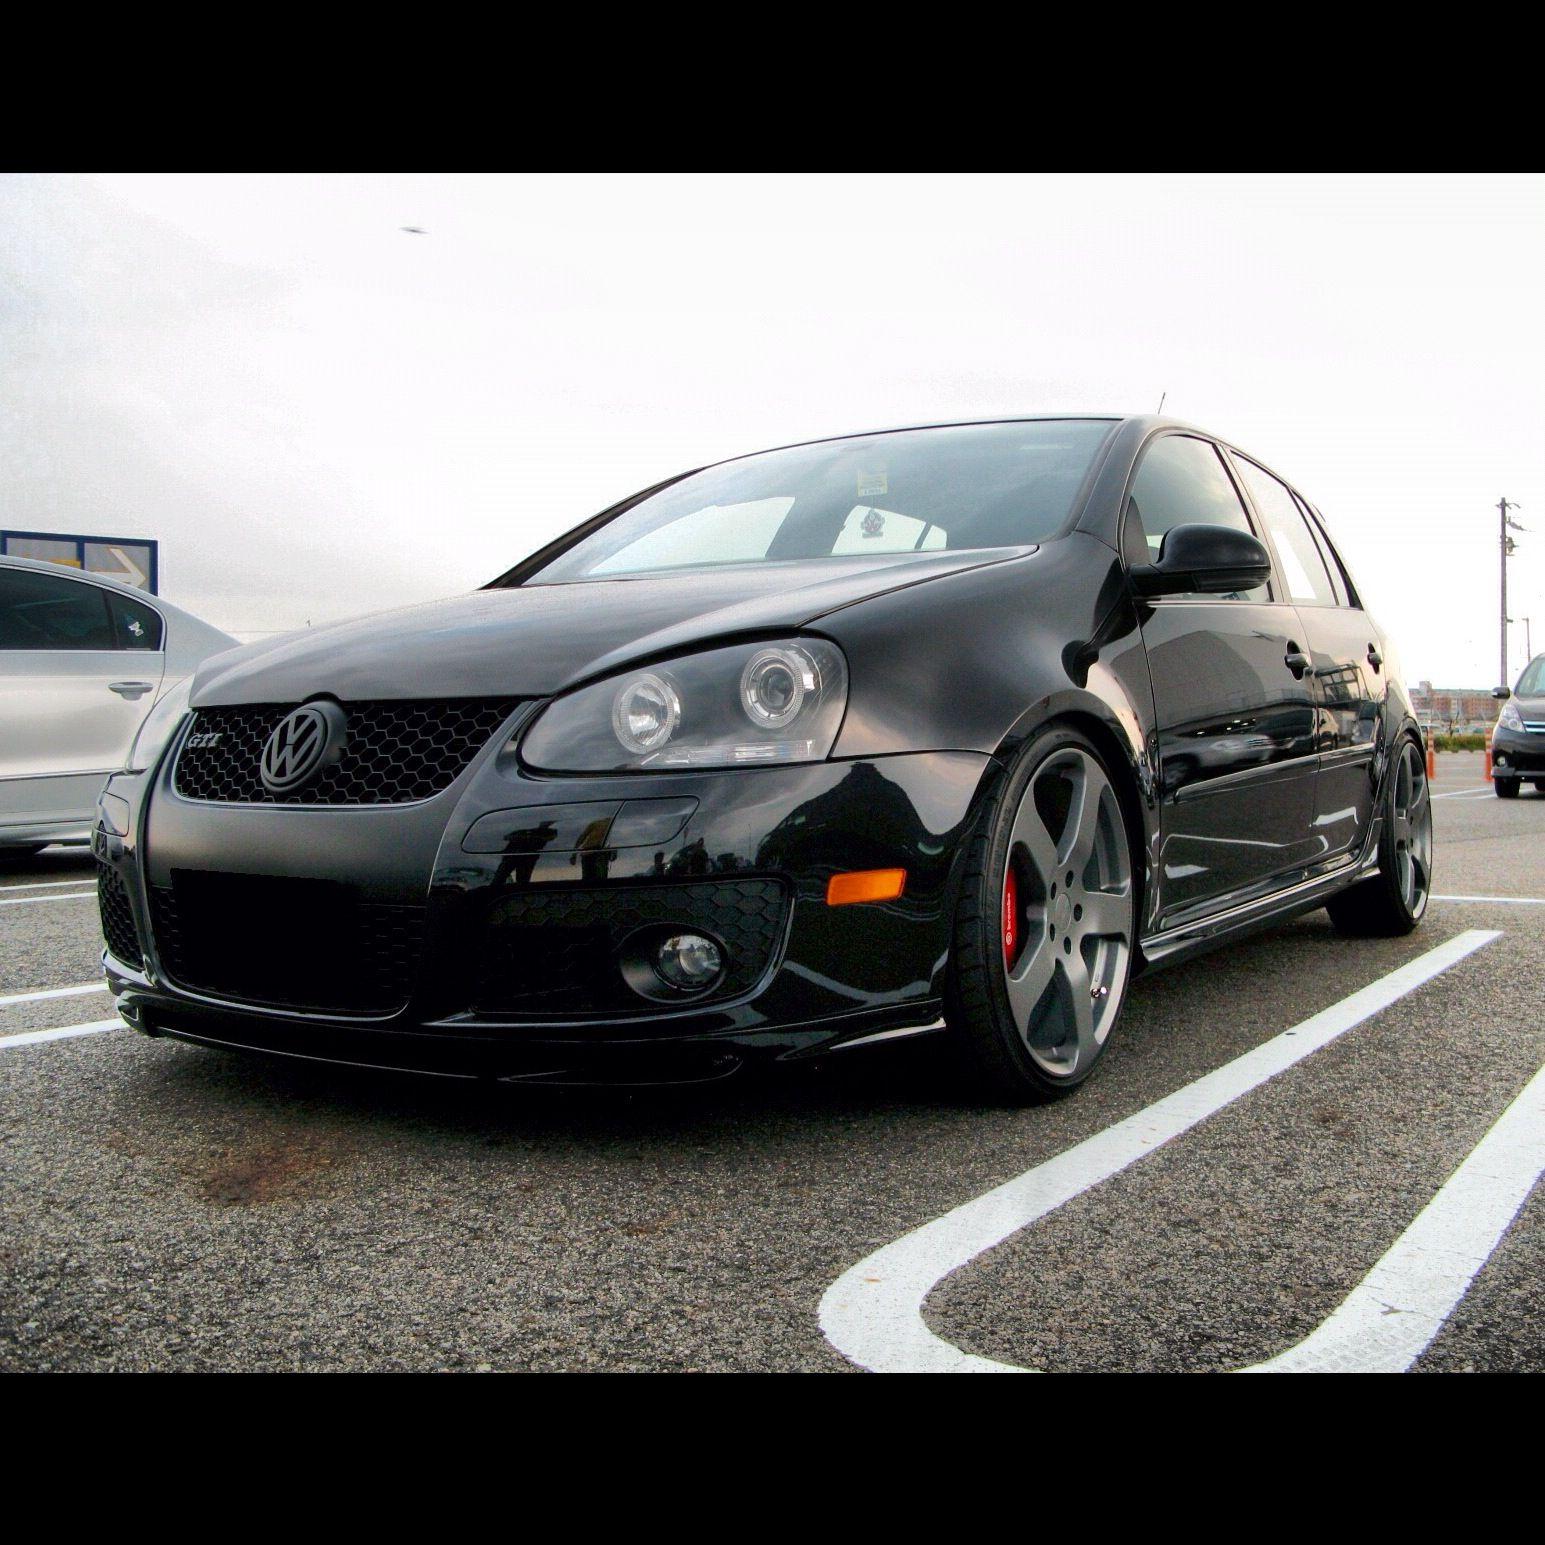 Volkswagen Polo Gti, Volkswagen Golf, Volkswagen